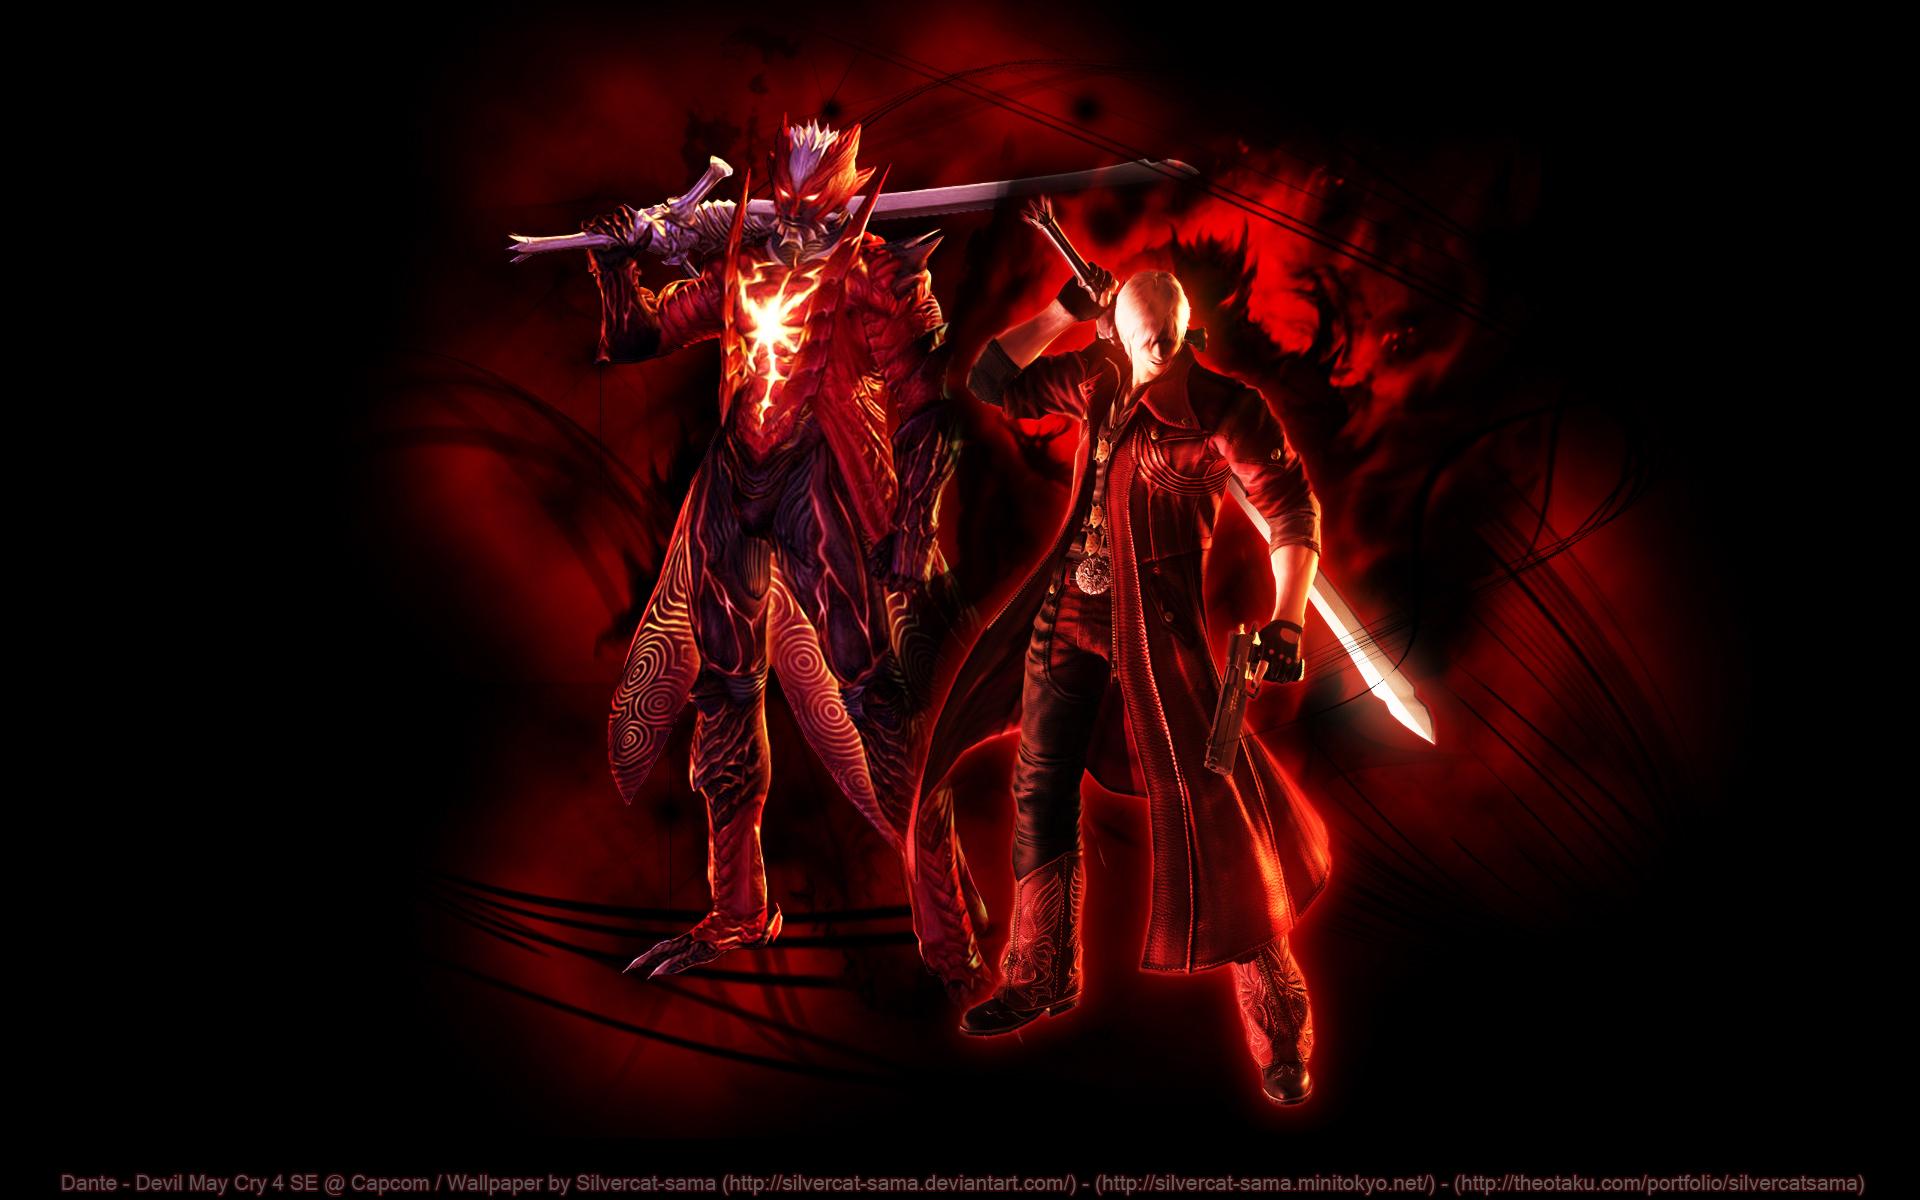 Devil May Cry Wallpaper Dante S Devil Trigger Minitokyo